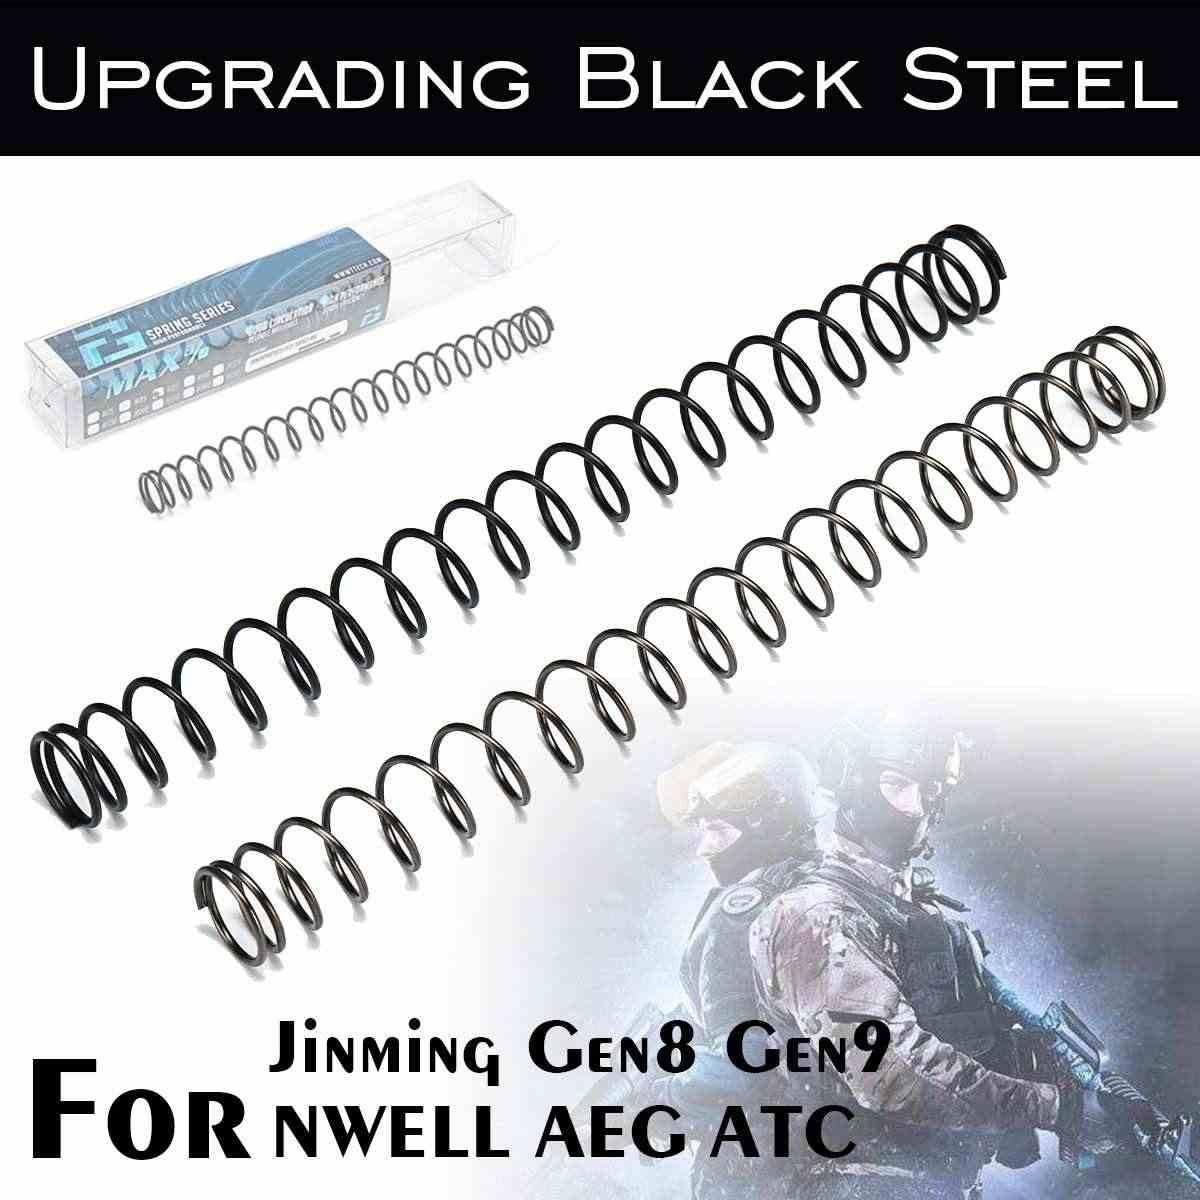 1,2 мм/1,3 мм эквивалентная пружина для Jinming 8/9 NWELL AEG ATC гелевый шар бластеры водные игры игрушечное оружие Сменные аксессуары